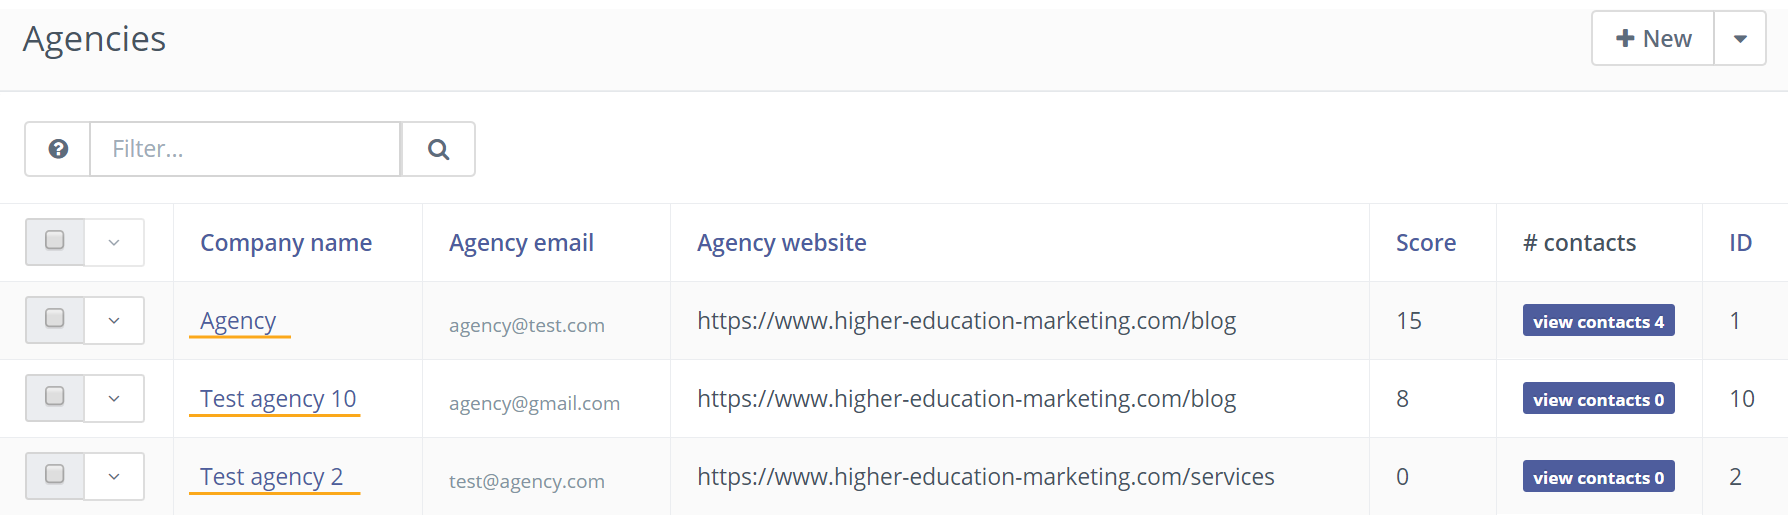 click to edit agencies